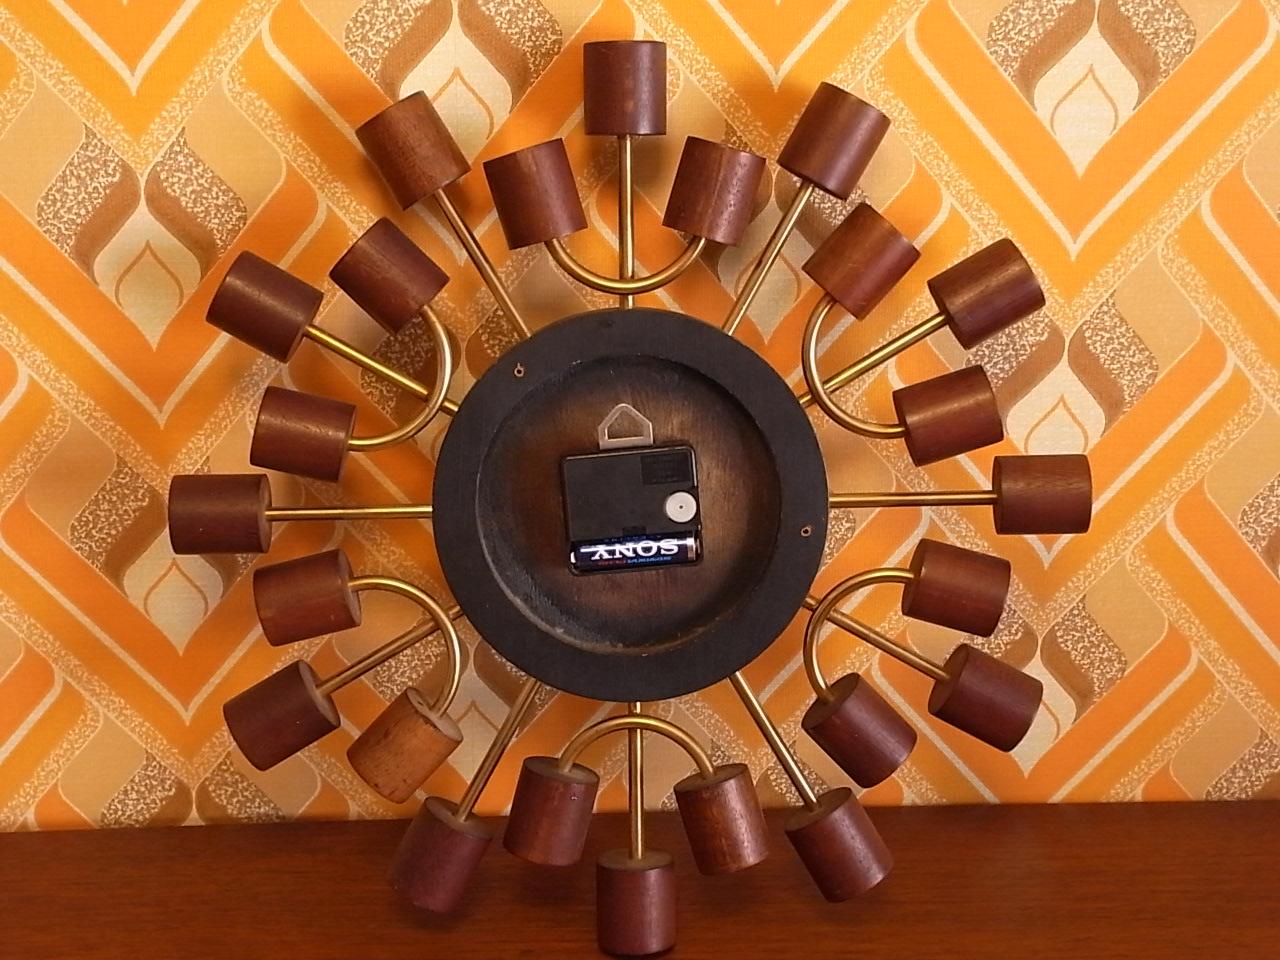 スミス 英国ブランド 木製 ウォールクロック クオーツムーブメントの写真5枚目